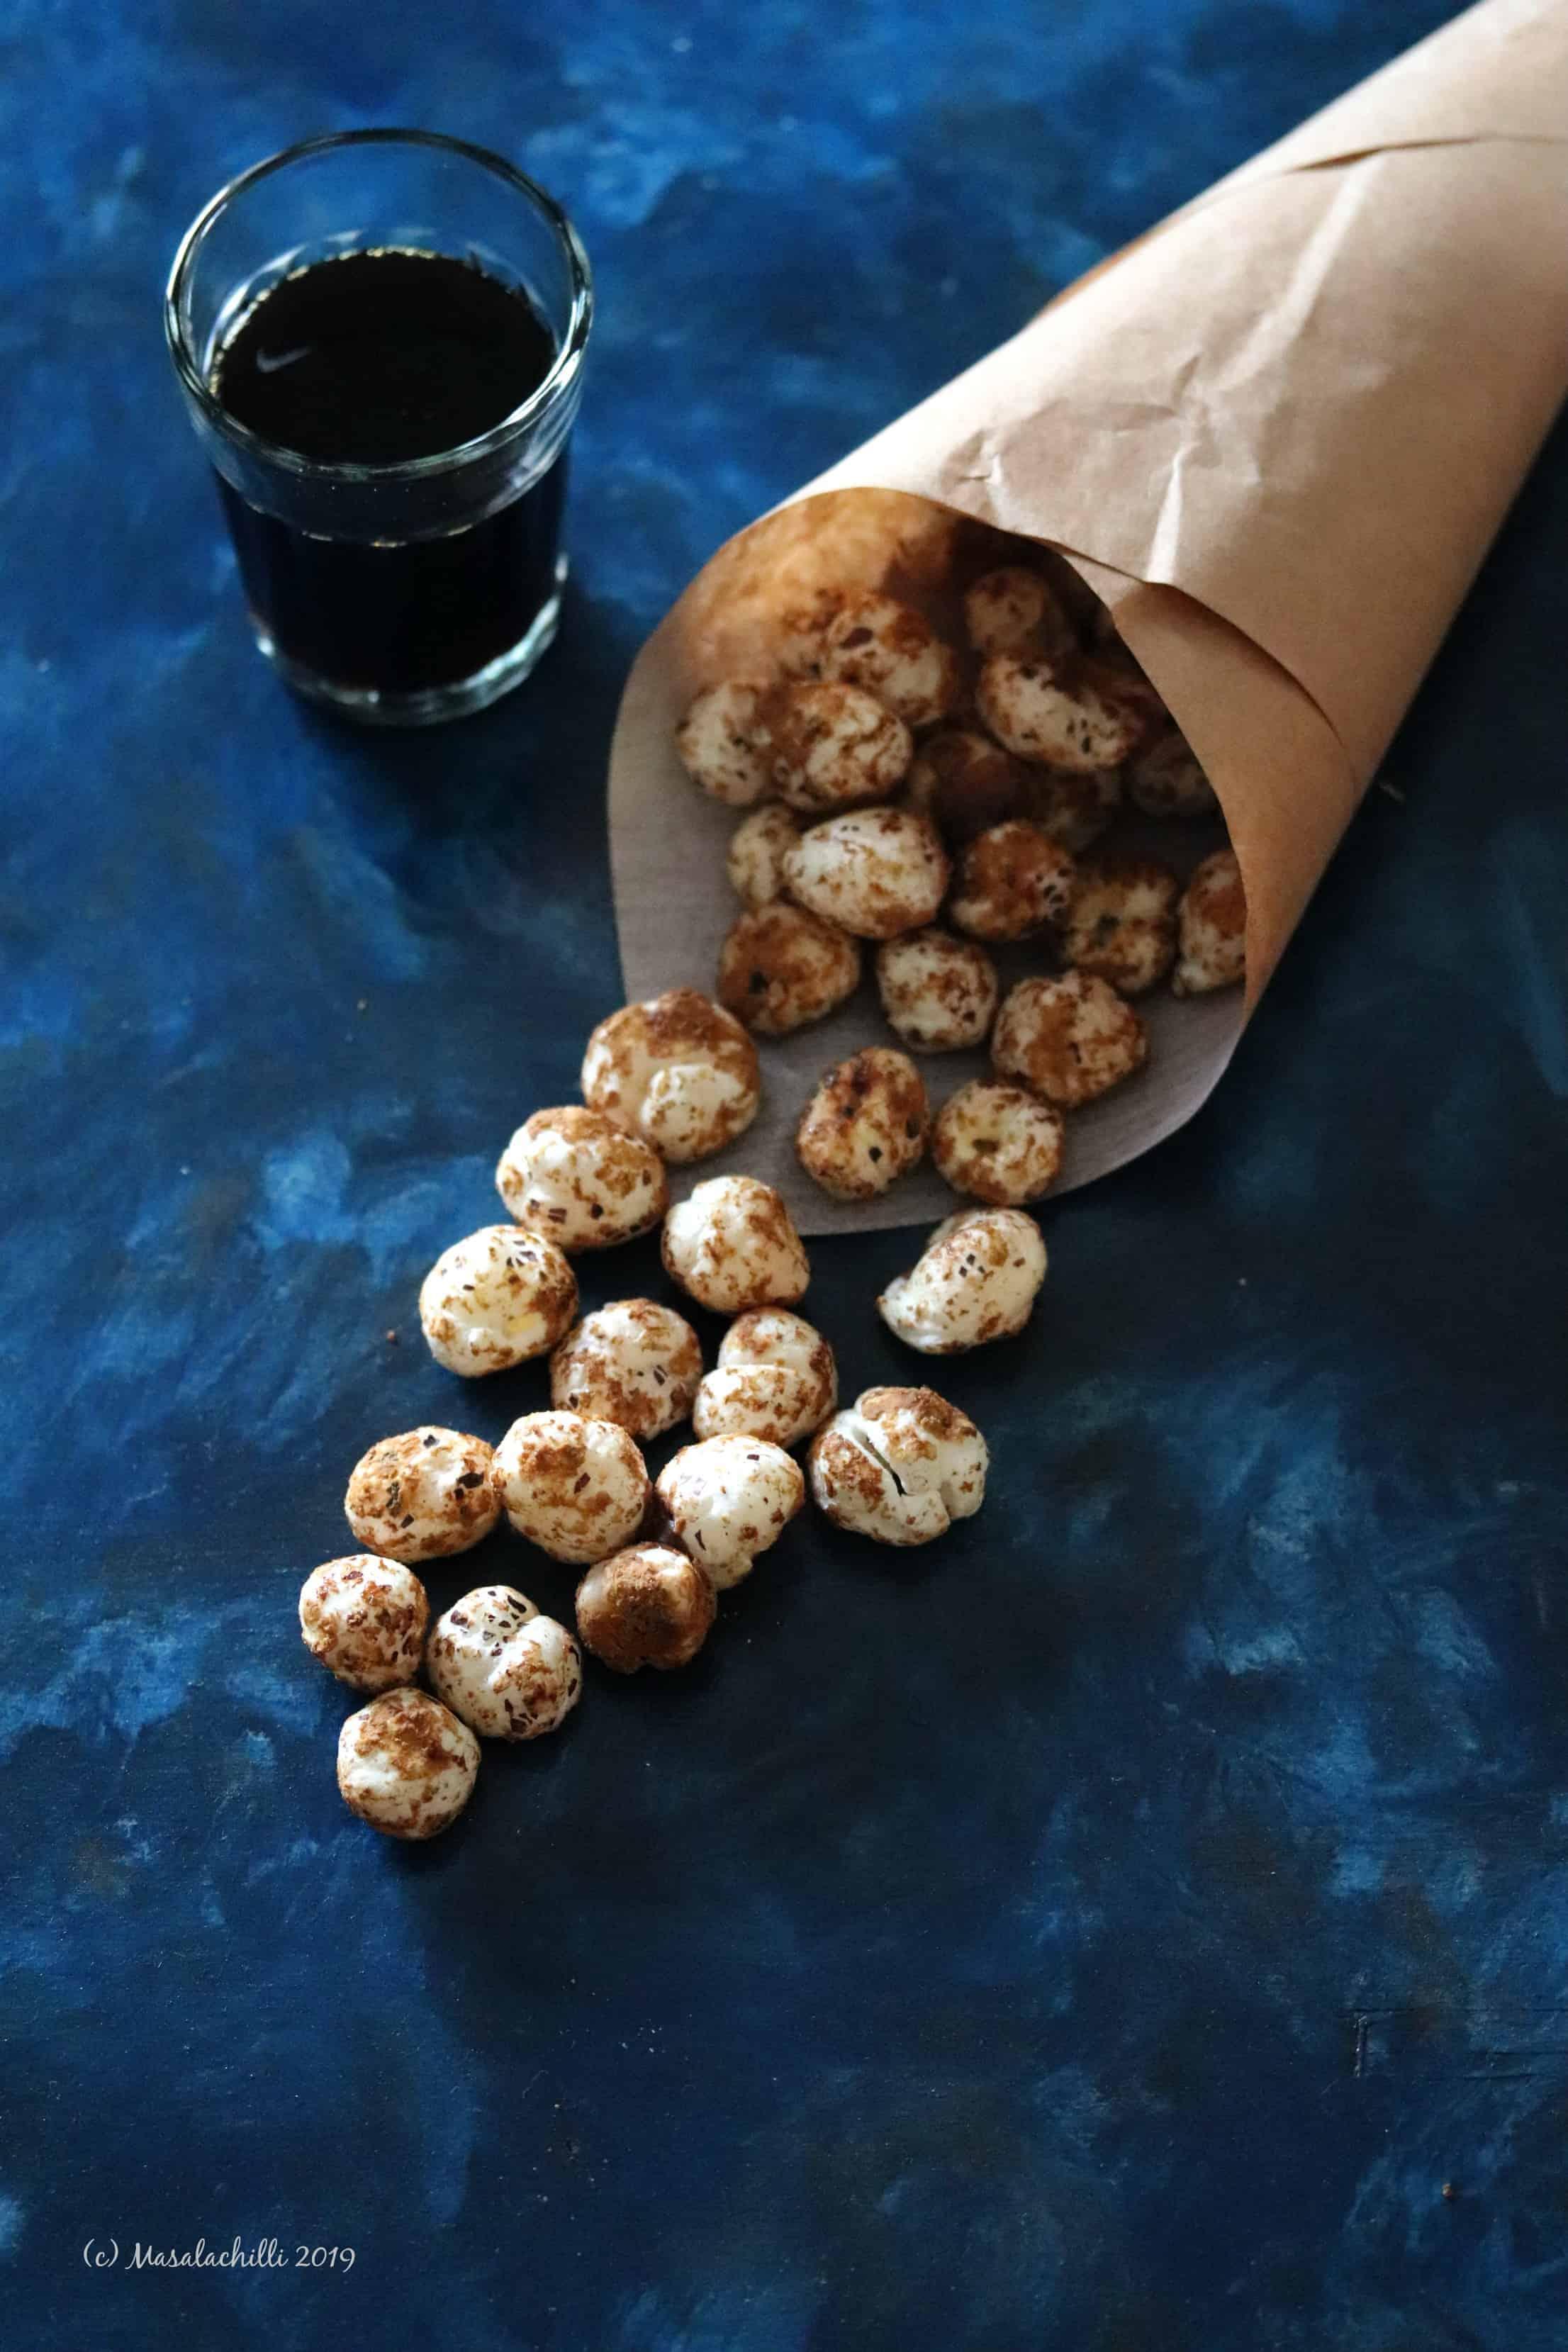 Gur Makhana | Palm Jaggery Coated Fox Nuts